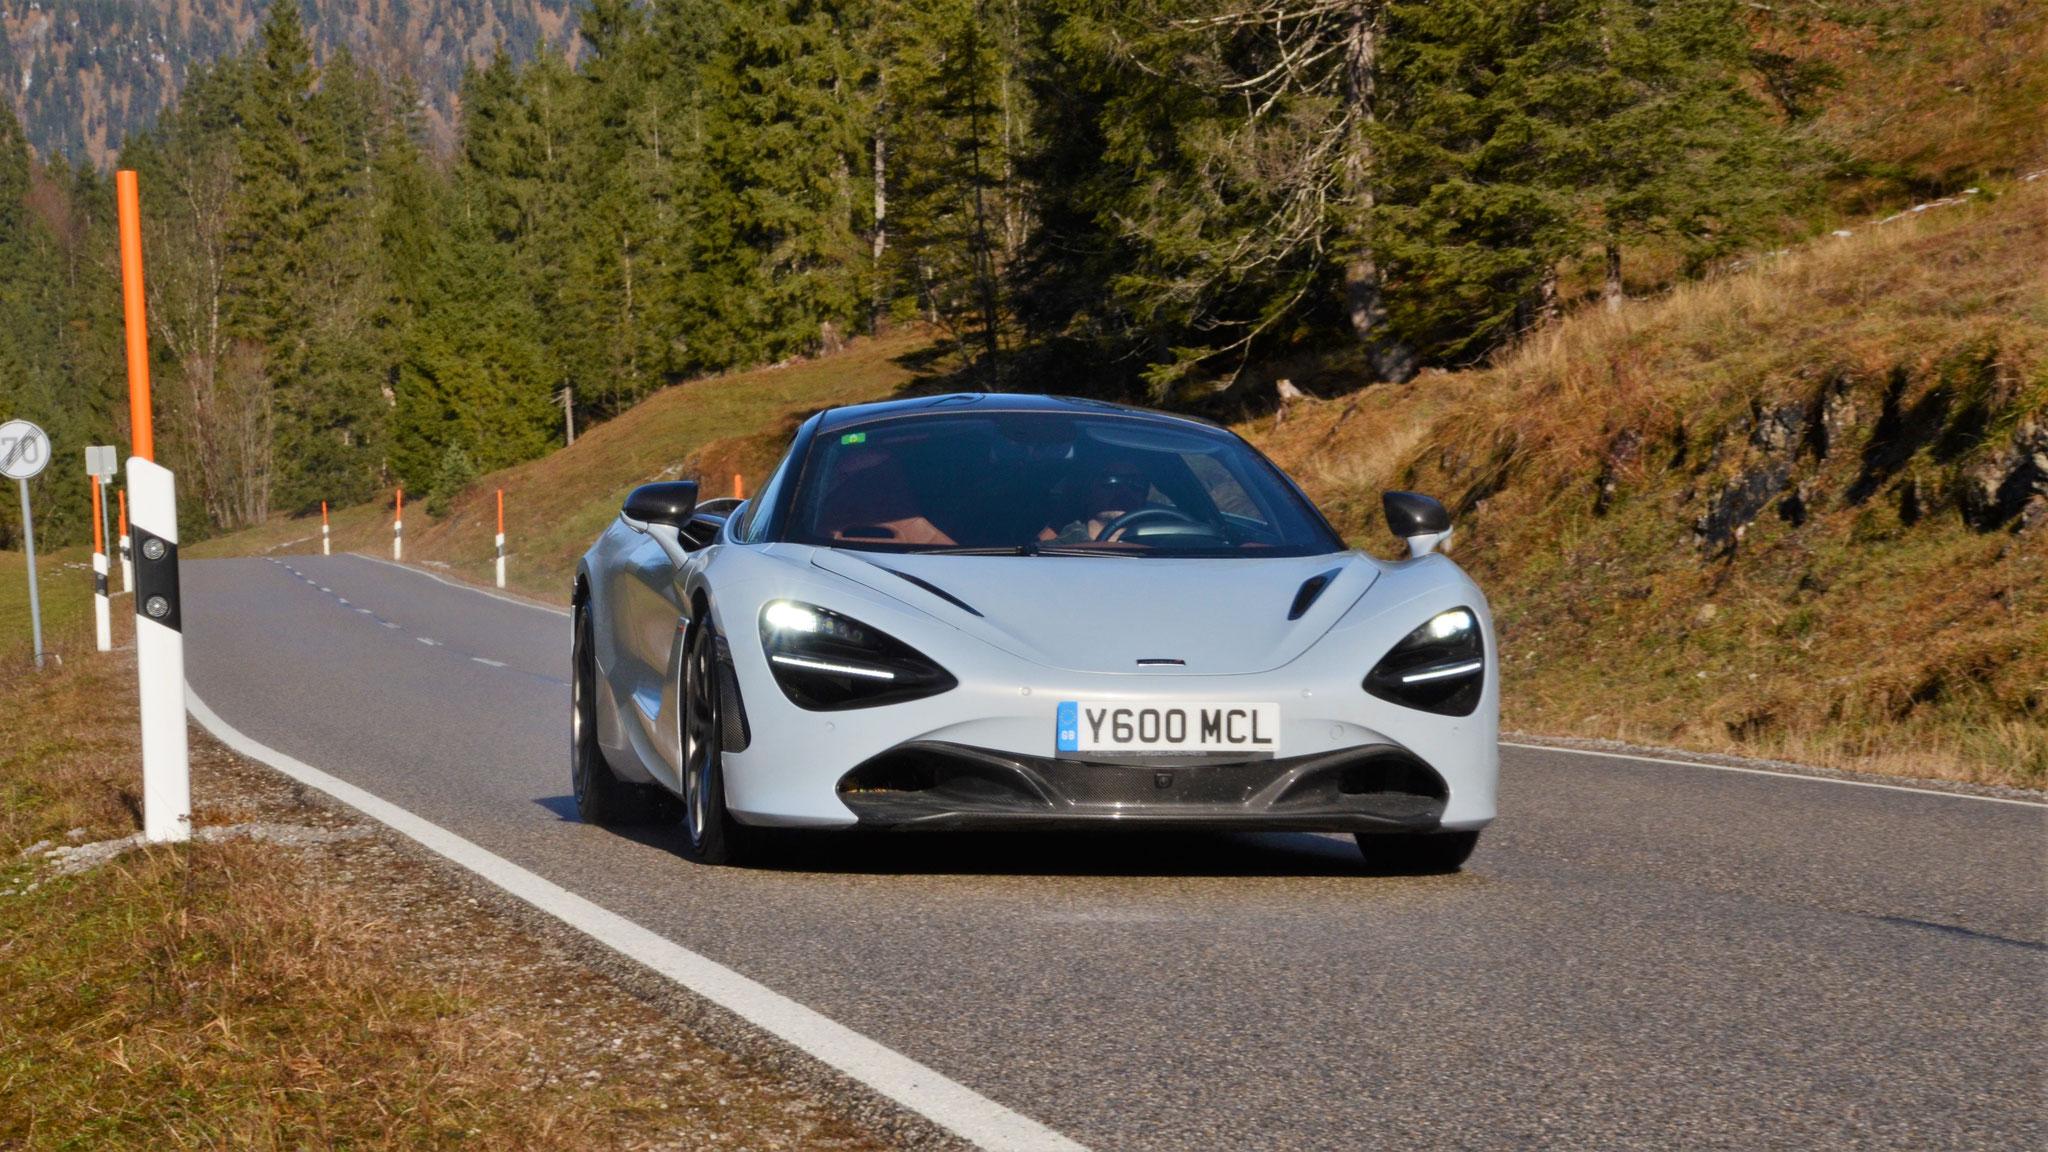 McLaren 720S - Y600-MCL (GB)